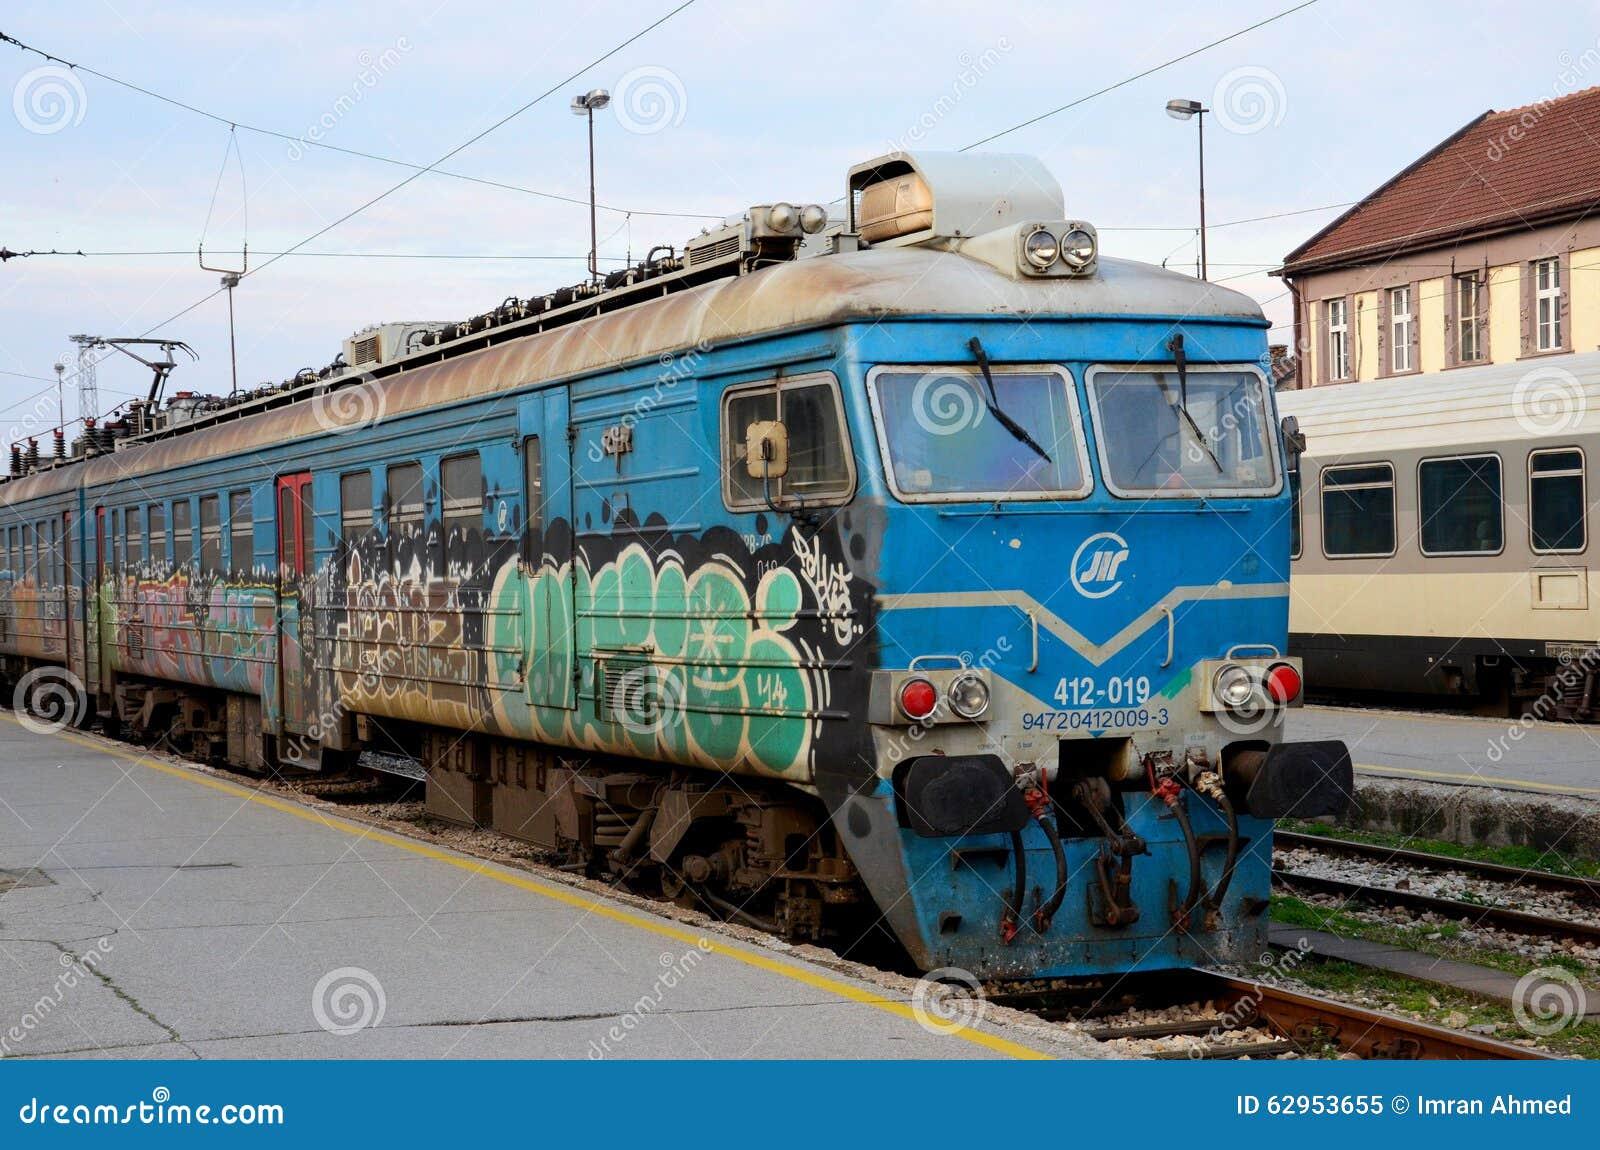 Vroegere Joegoslavische spoorwegen elektrische locomotief met de post Servië van graffitibelgrado